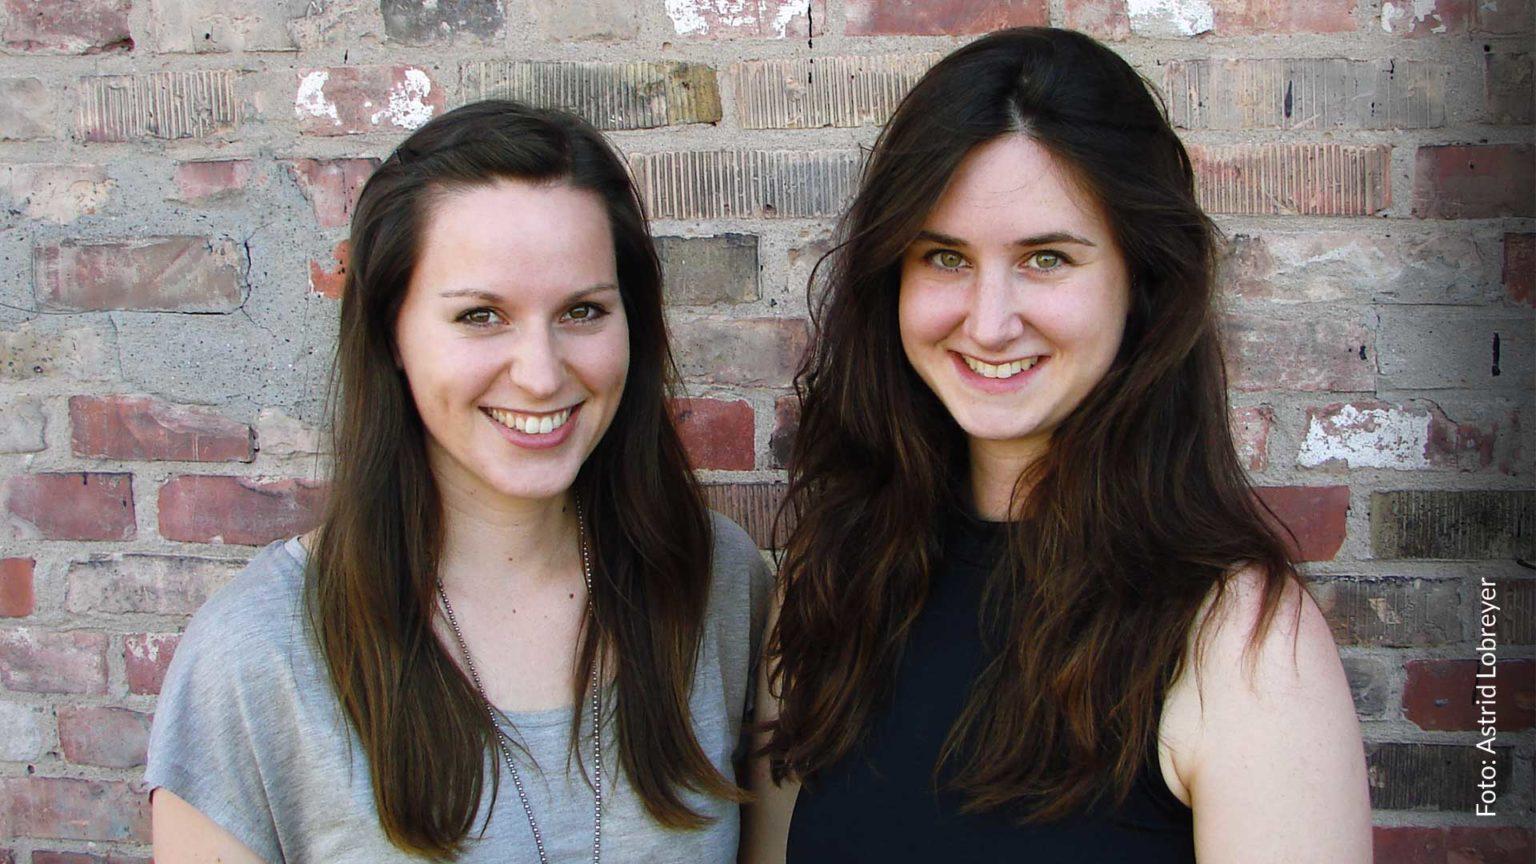 Ann-Marie und Rebecca stehen vor einer Ziegelsteinwand. Es ist Sommer und beide tragen kurzärmlige Oberteile. Die beiden stehen Schulter an Schulter und lächeln fröhlich in die Kamera. Beide haben lange, dunkle Haare.